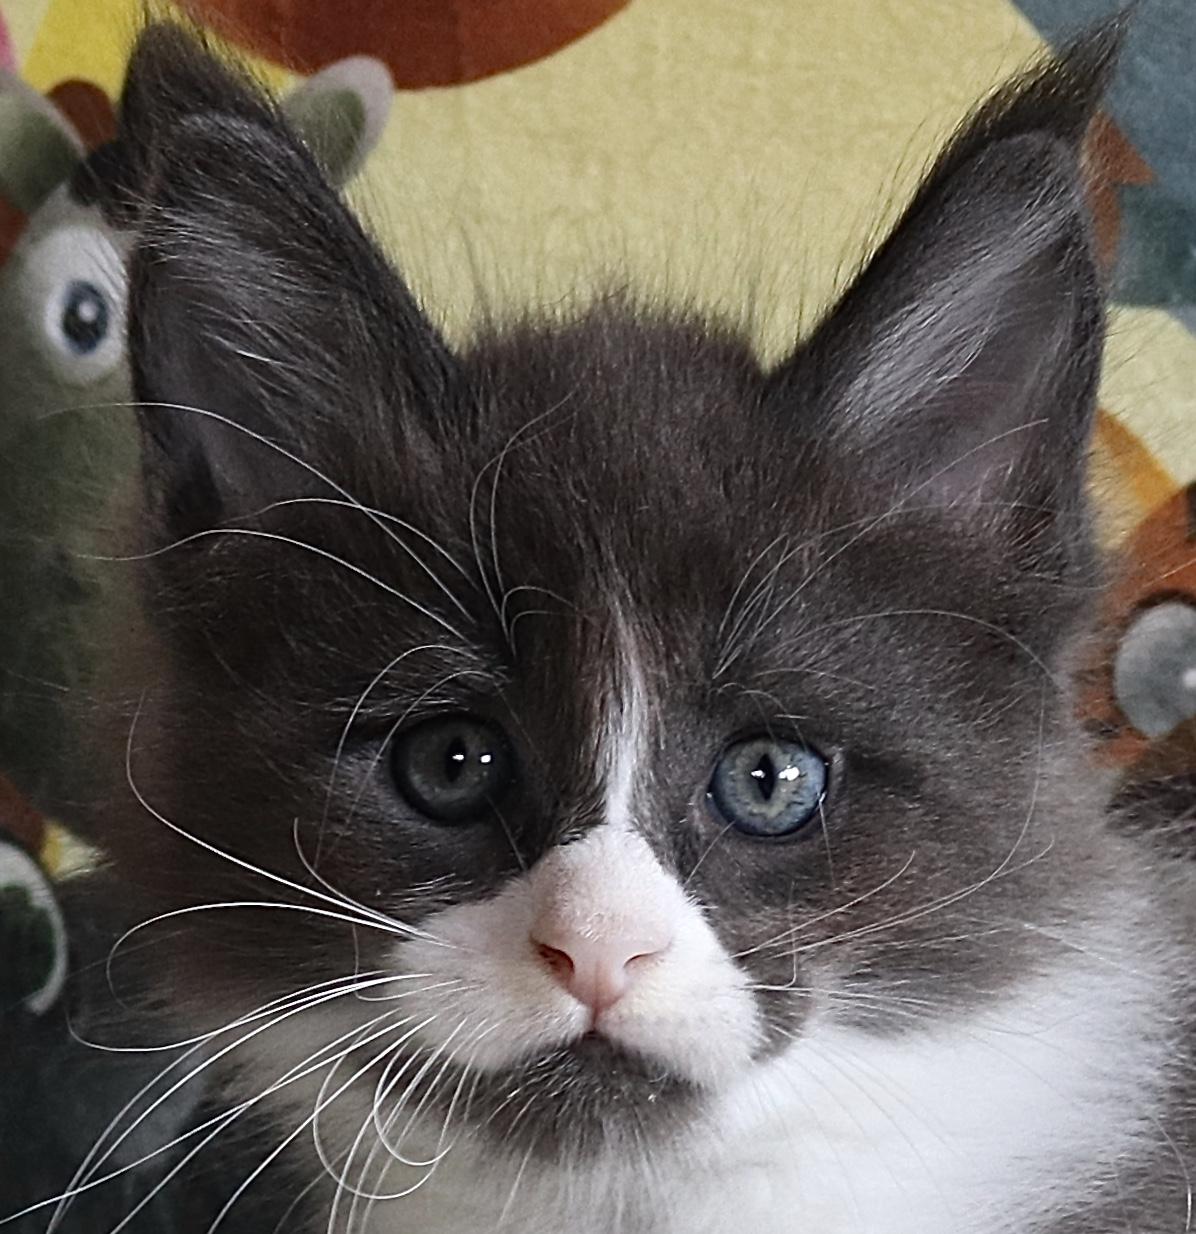 fotka kočky OREO GRAND VON ERILLIAN,CZ, male